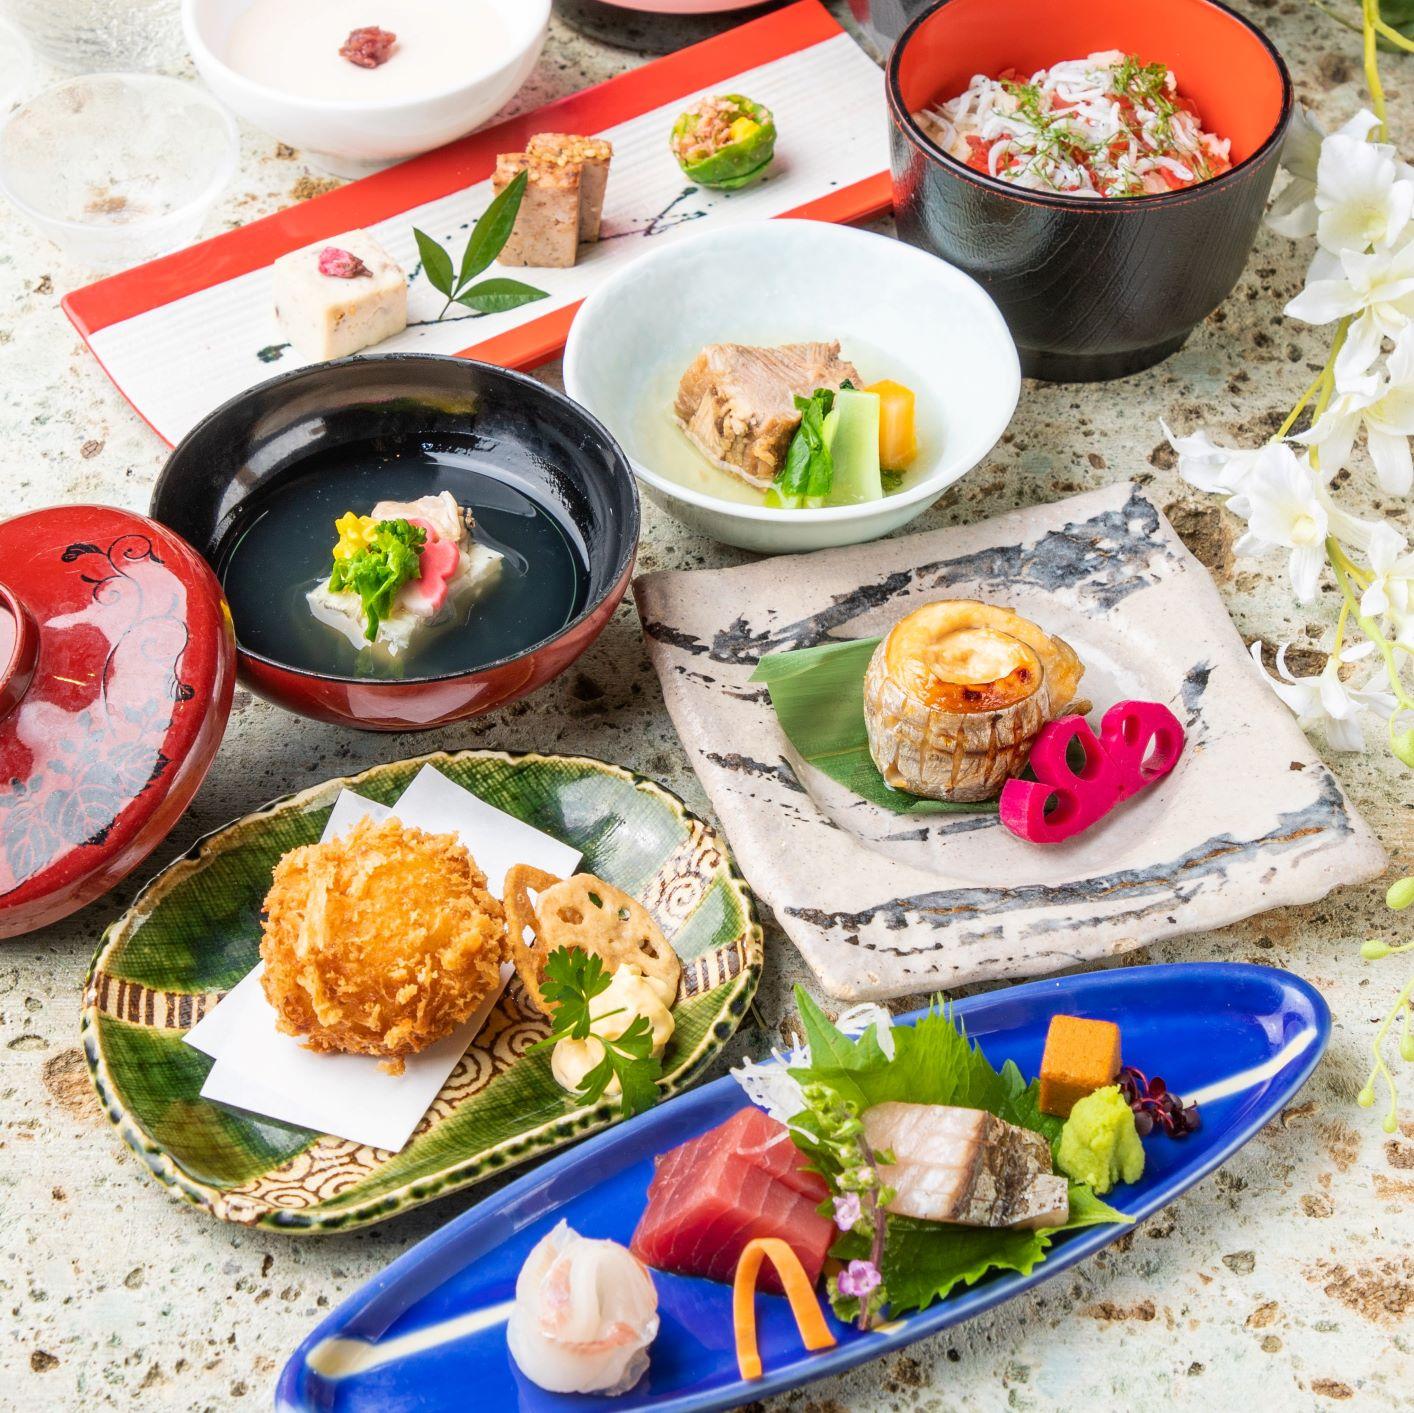 [3時間飲み放題] 氷温熟成豚と旬菜旬魚の特選会席10品